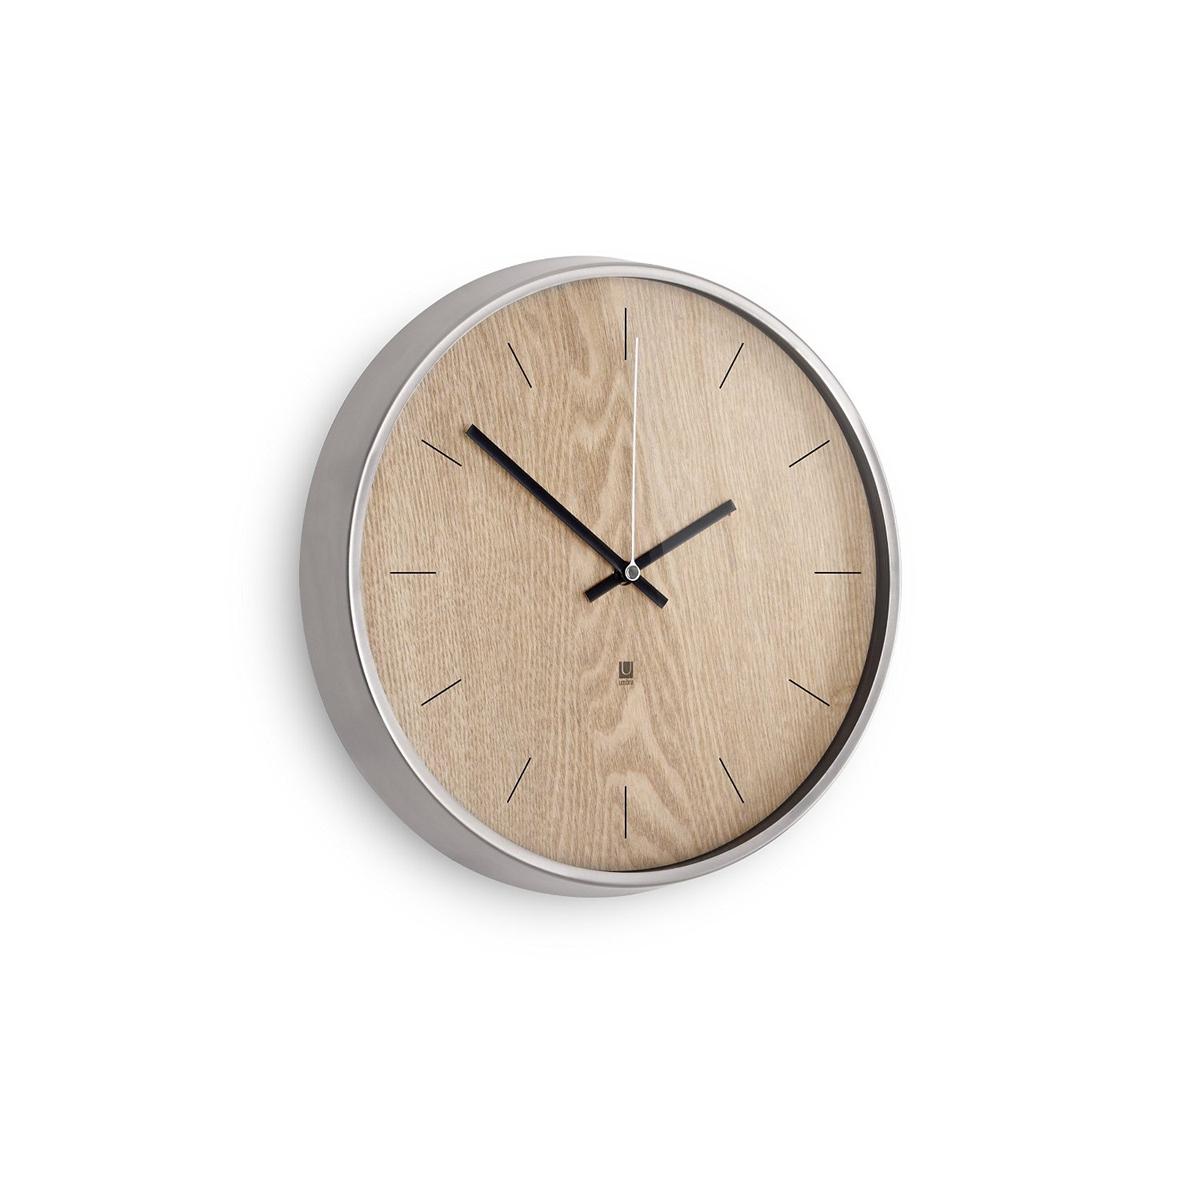 Настенные часы Umbra Madera, цвет: бежевыйTL-C5017Хоть и говорят, что счастливые часов не наблюдают, но все же иногда необходимо знать точное время. Не смотря на то, что на этих часах отсутствует разметка, вы запросто определите который час, а главное, станете еще чуточку счастливее - ведь такой элегантный дизайн не может не радовать! Сочетание классики и современности, шпона дерева цвета грецкого ореха и алюминиевой рамки - дизайн вне времени. Шикарно будет смотреться в офисе, в гостиной, в спальне - в любом интерьере.